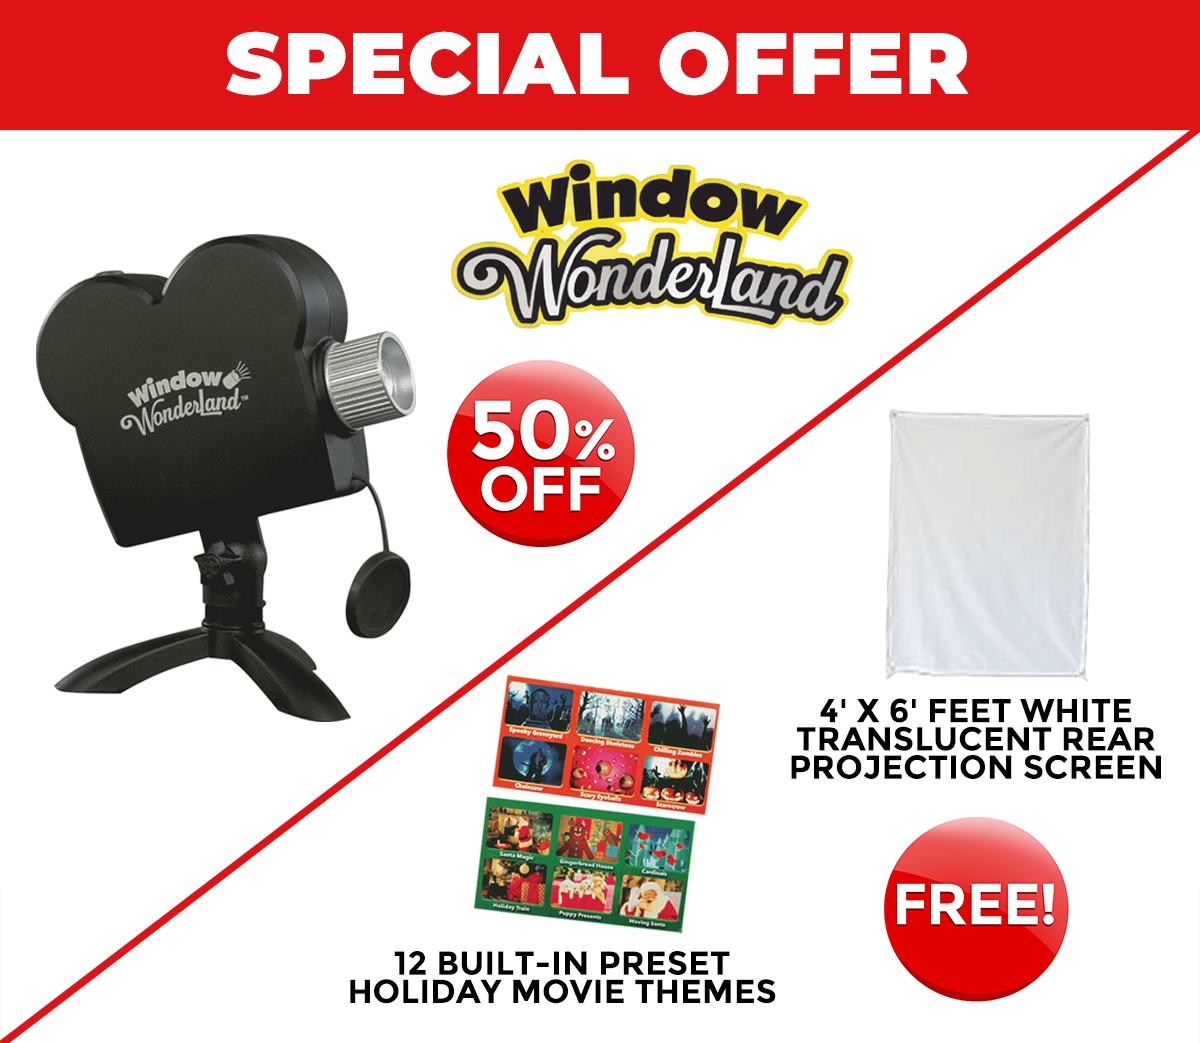 window-wonderland special offer